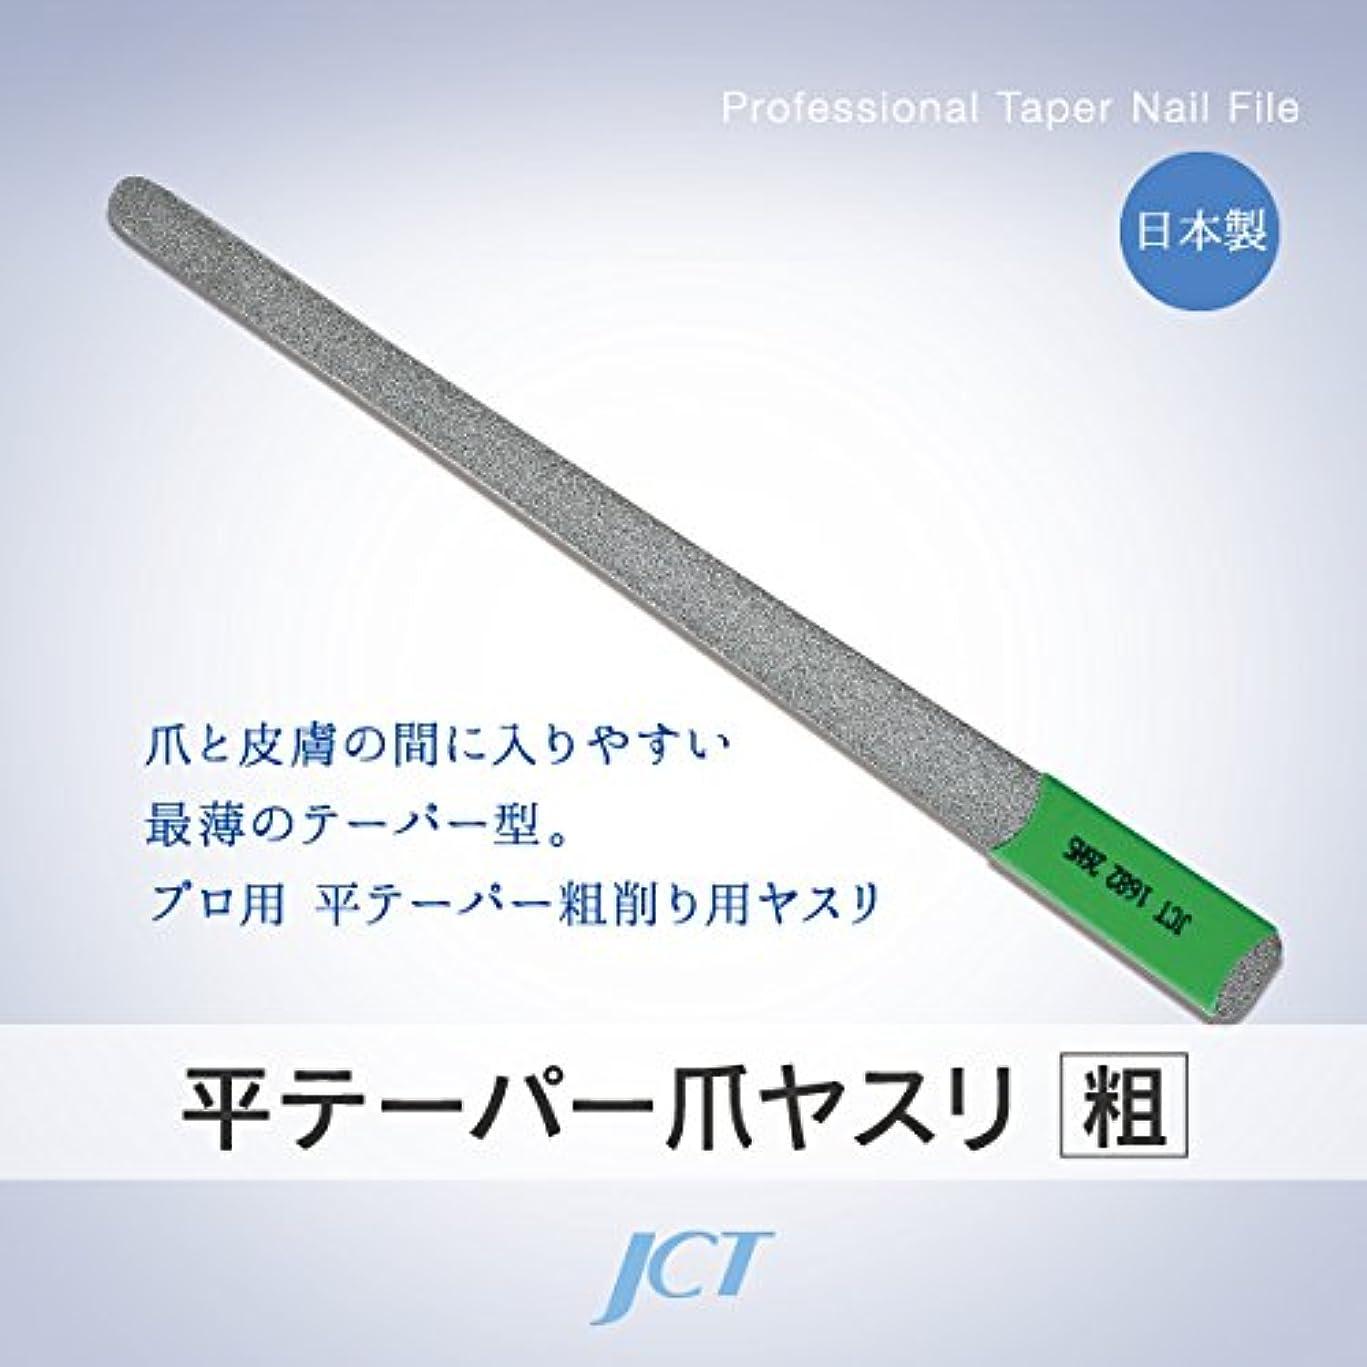 くひまわりメタルラインJCT メディカル フットケア ダイヤモンド平テーパー爪ヤスリ(粗) 滅菌可 日本製 1年間保証付